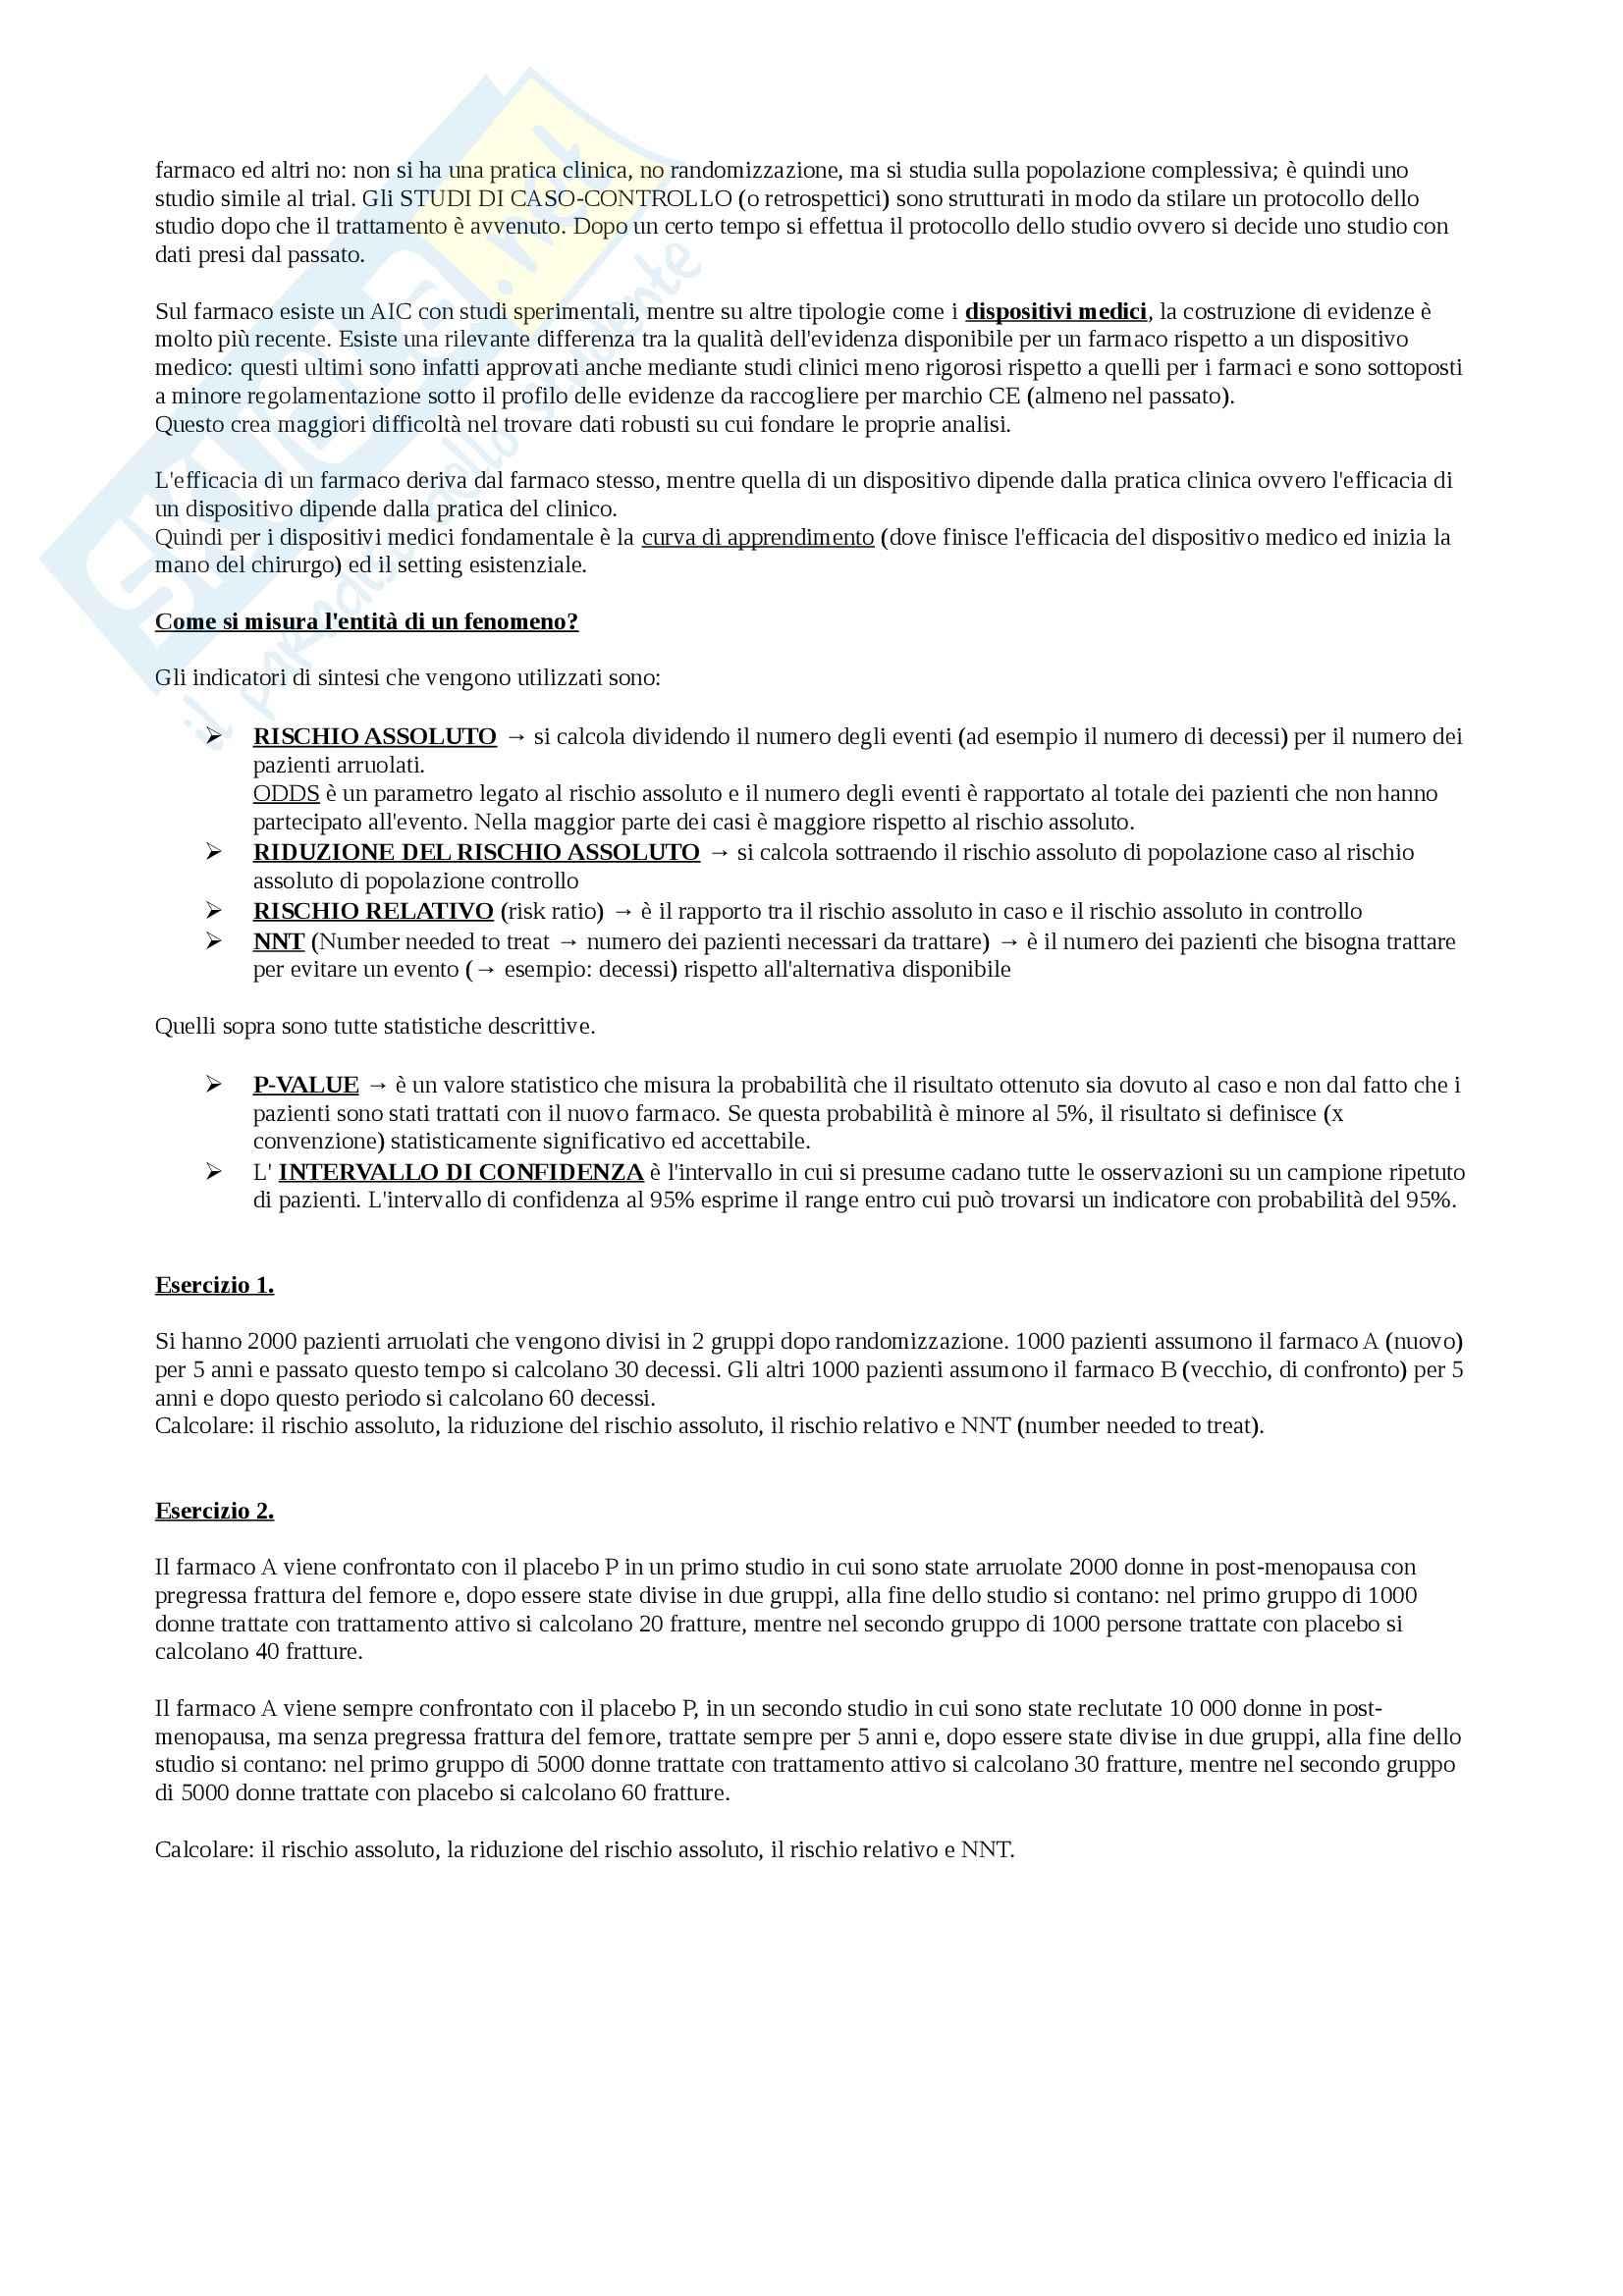 Organizzazione dell'azienda farmacia e farmacoeconomia - Appunti Pag. 36